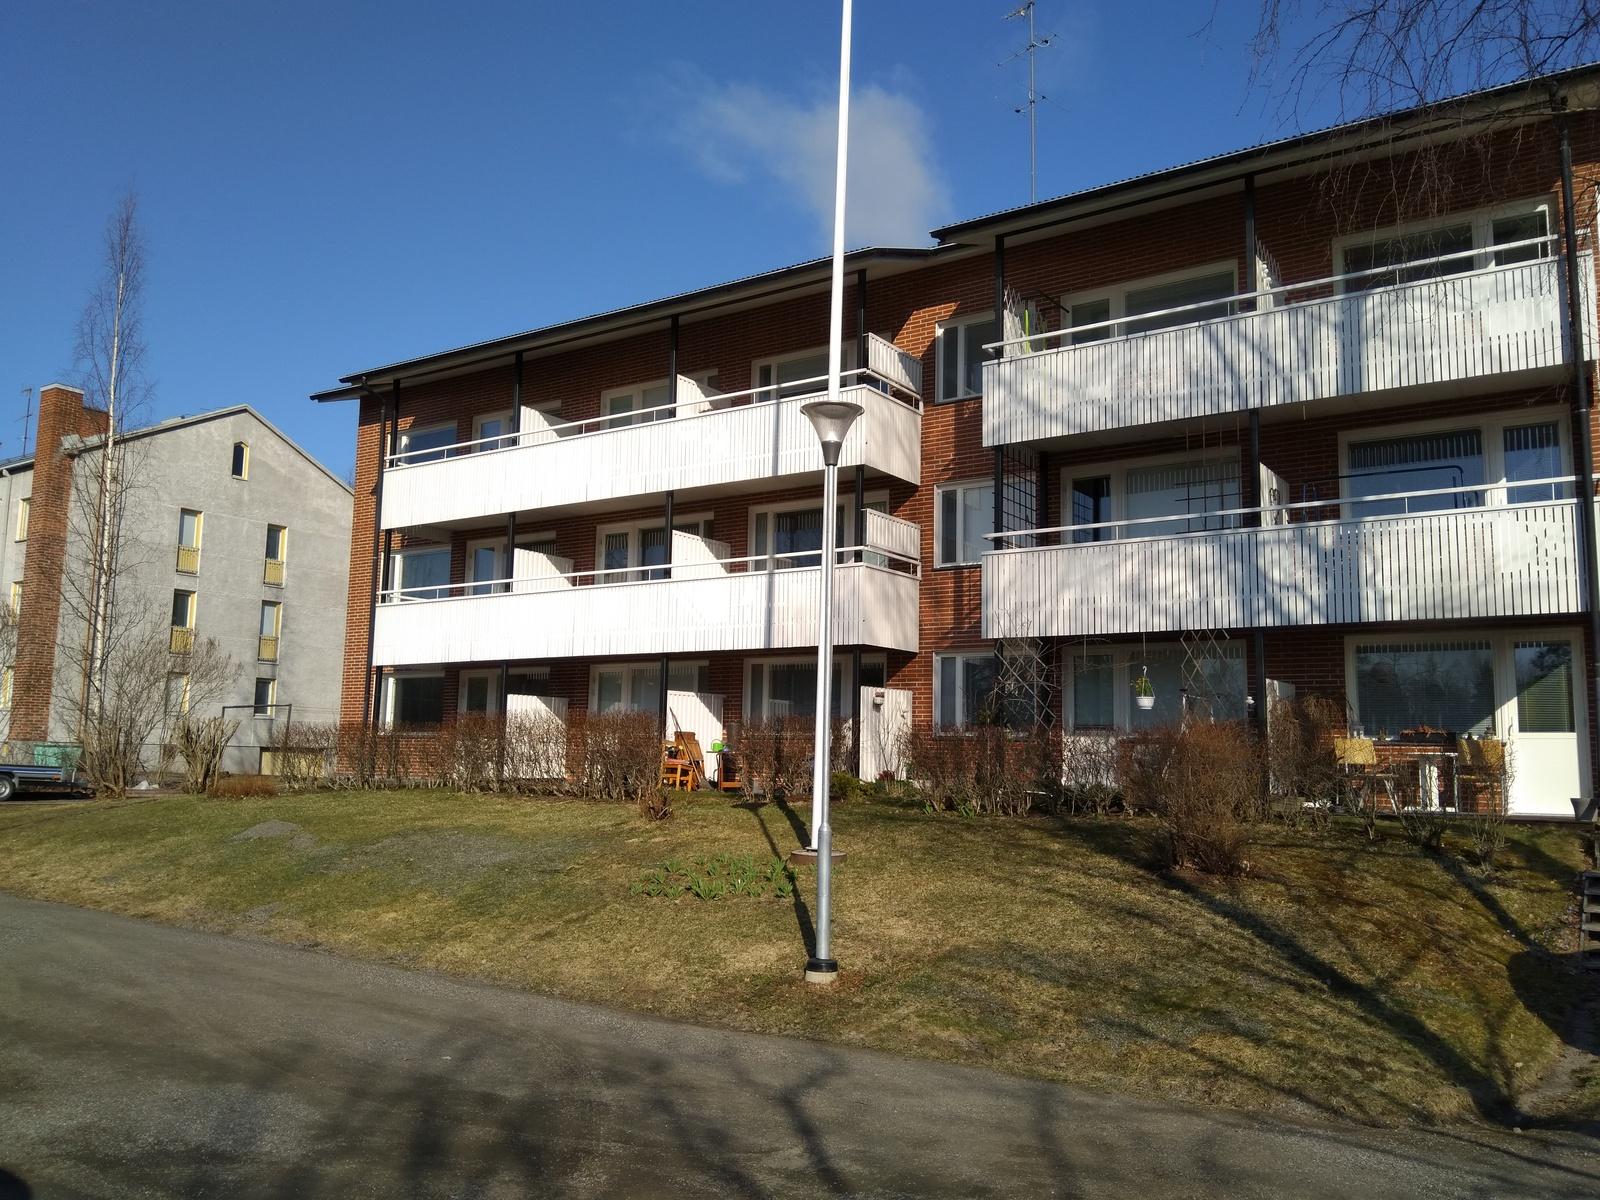 Kukkumäki, Jyväskylä